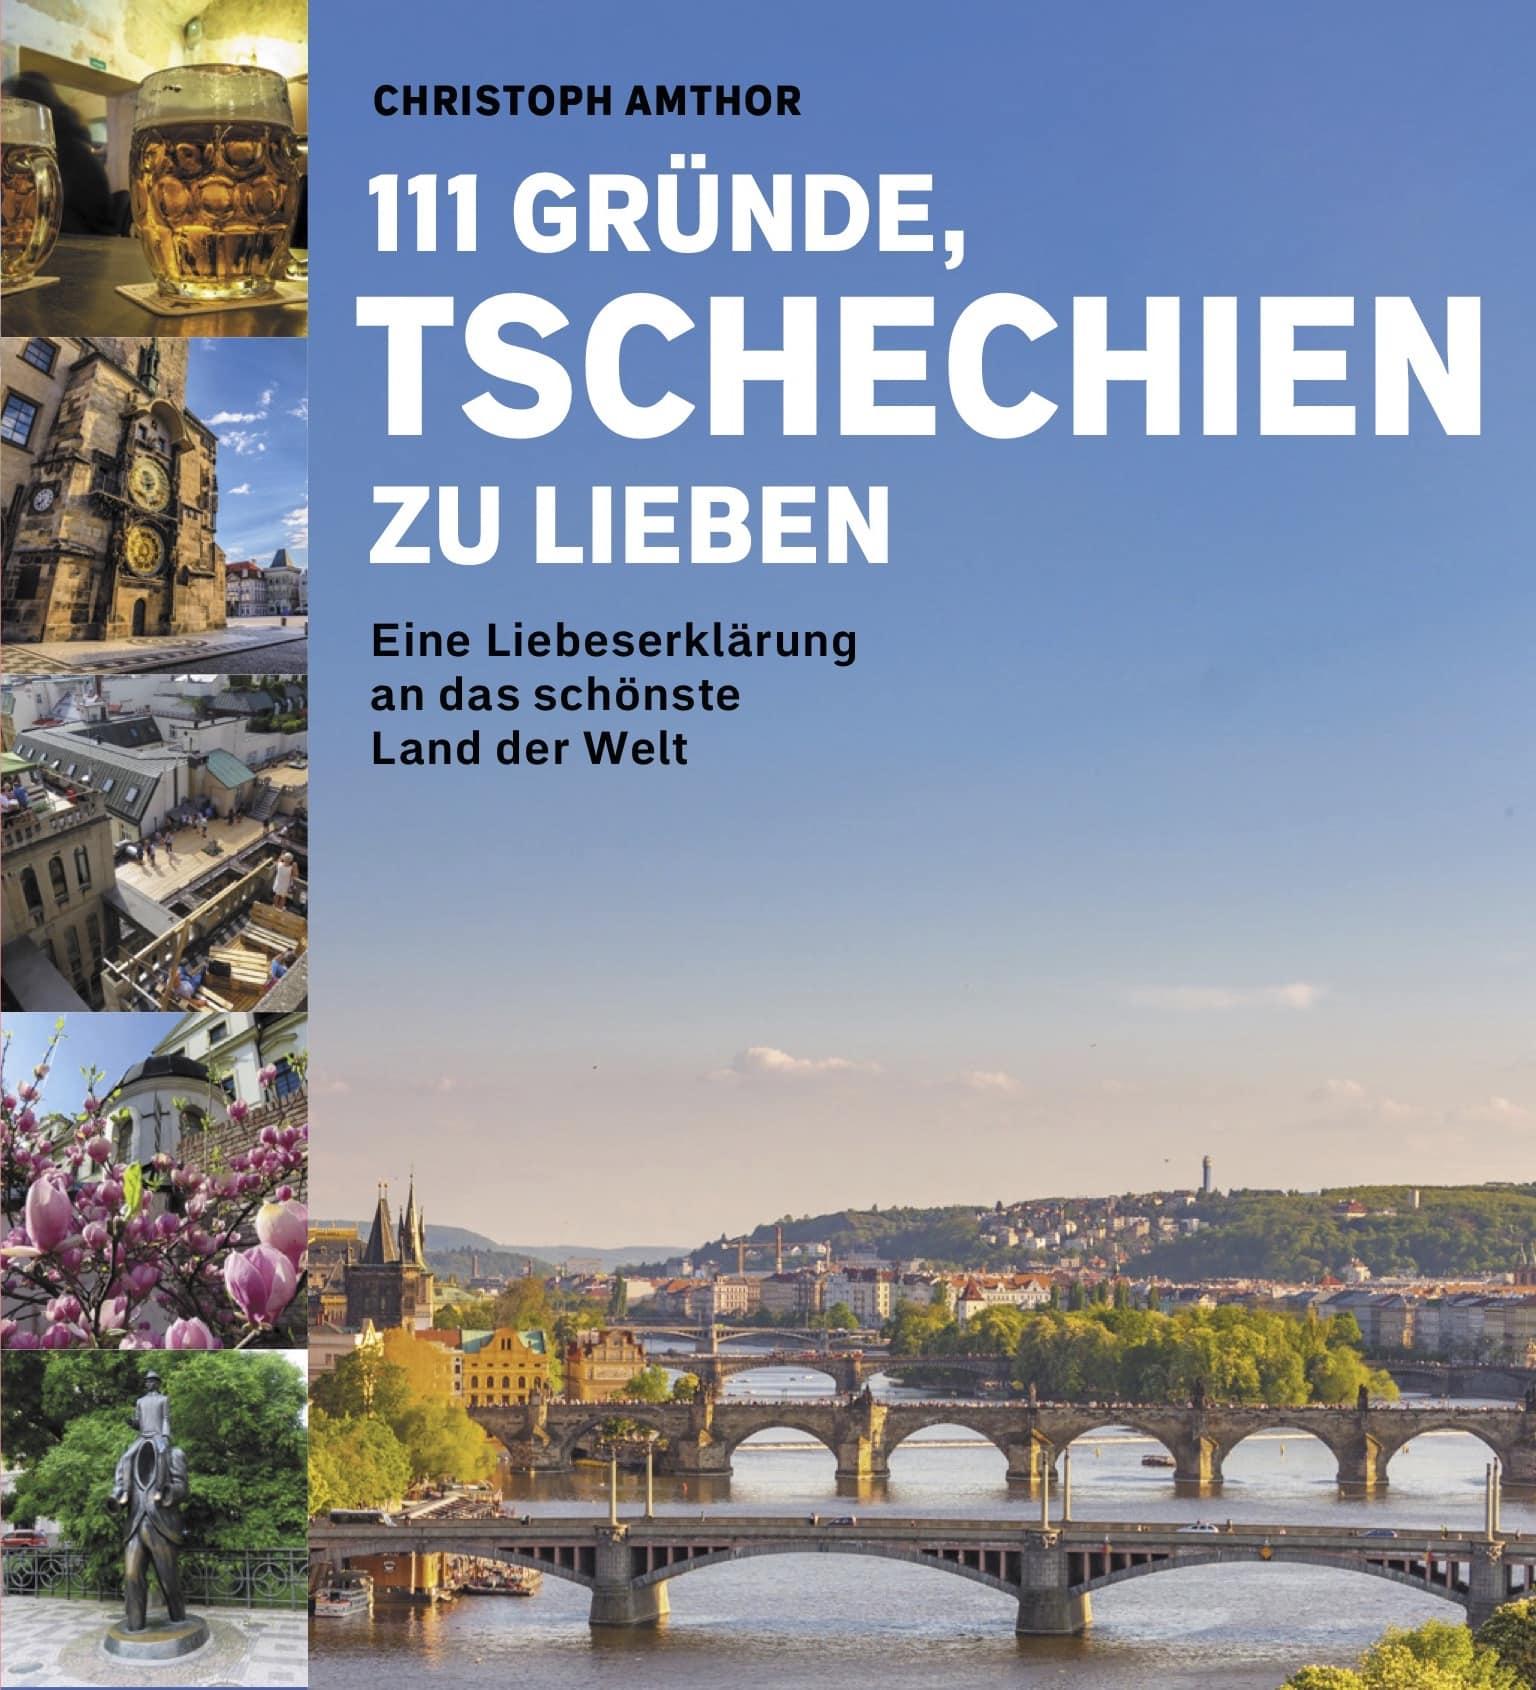 Tschechien-Buch, Einband